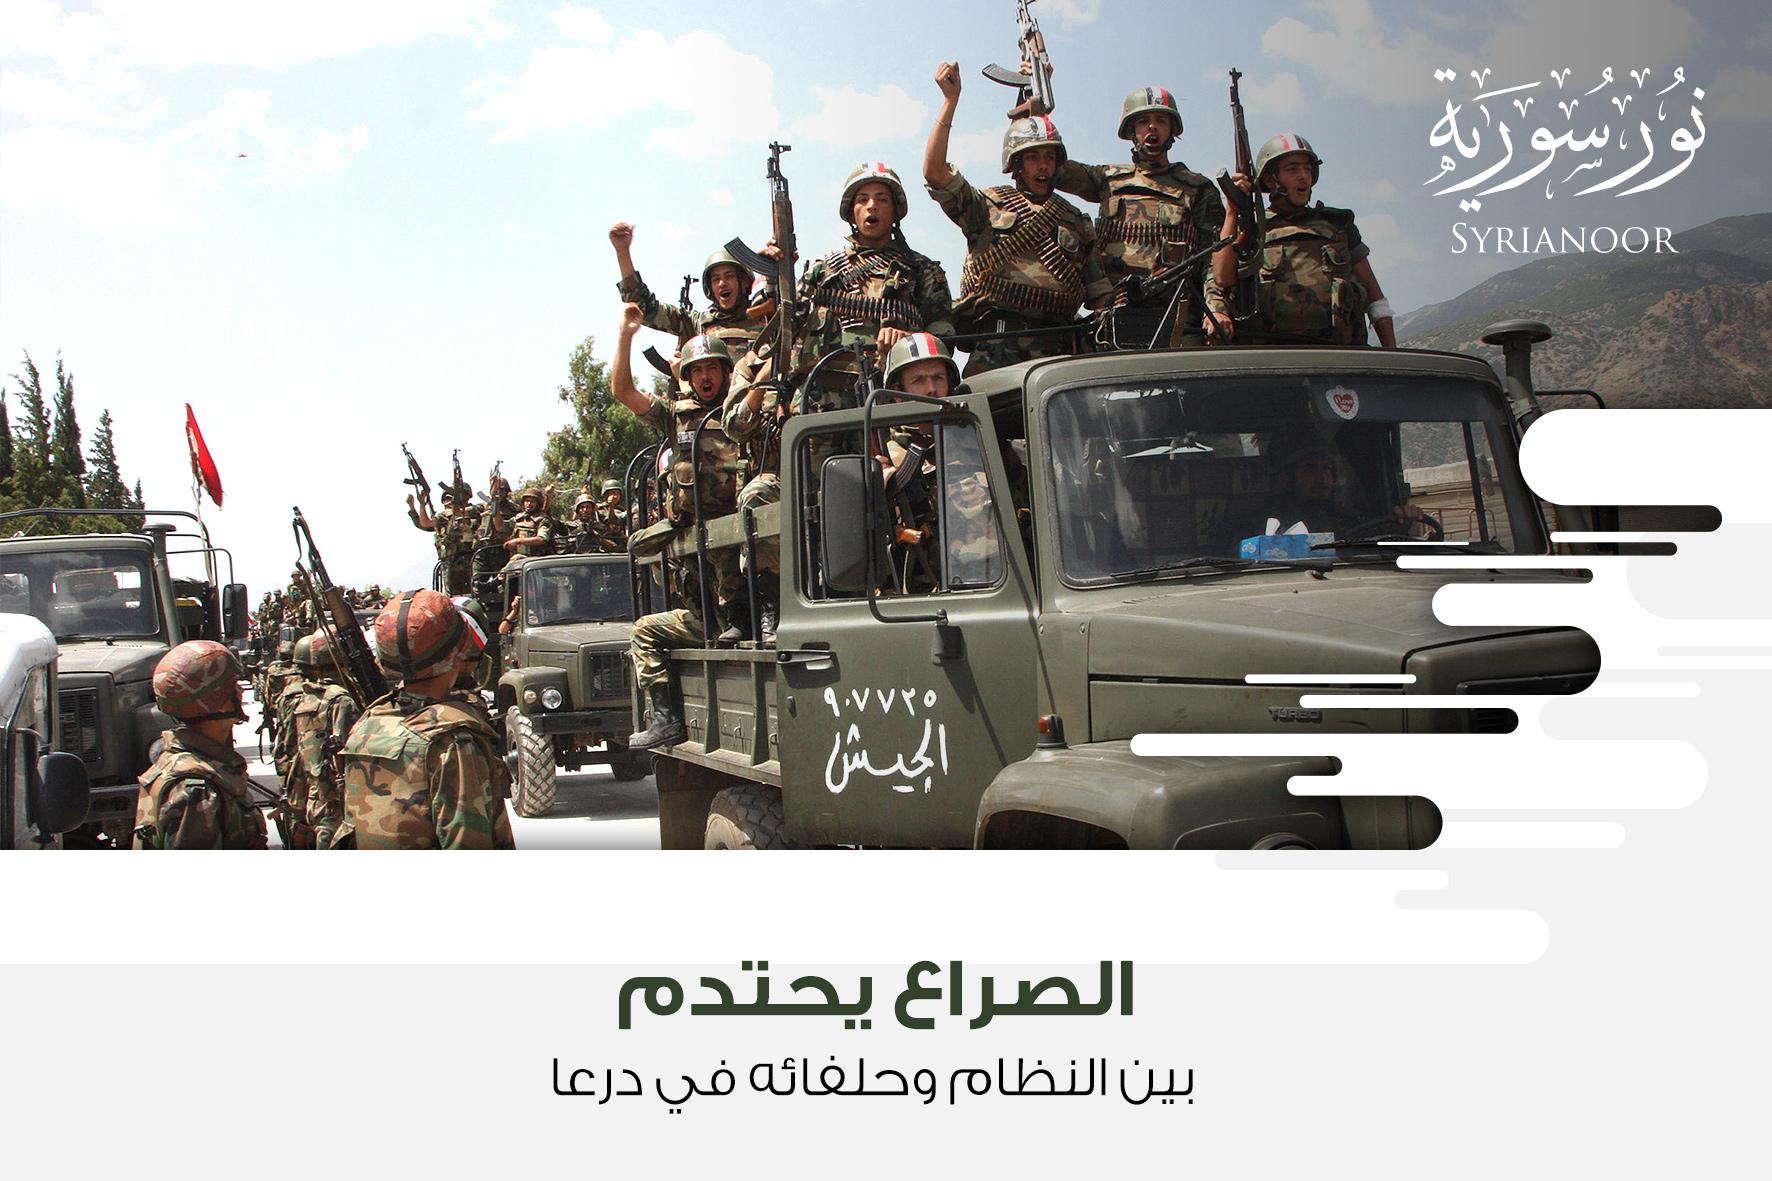 الصراع يحتدم بين النظام وحلفائه في درعا